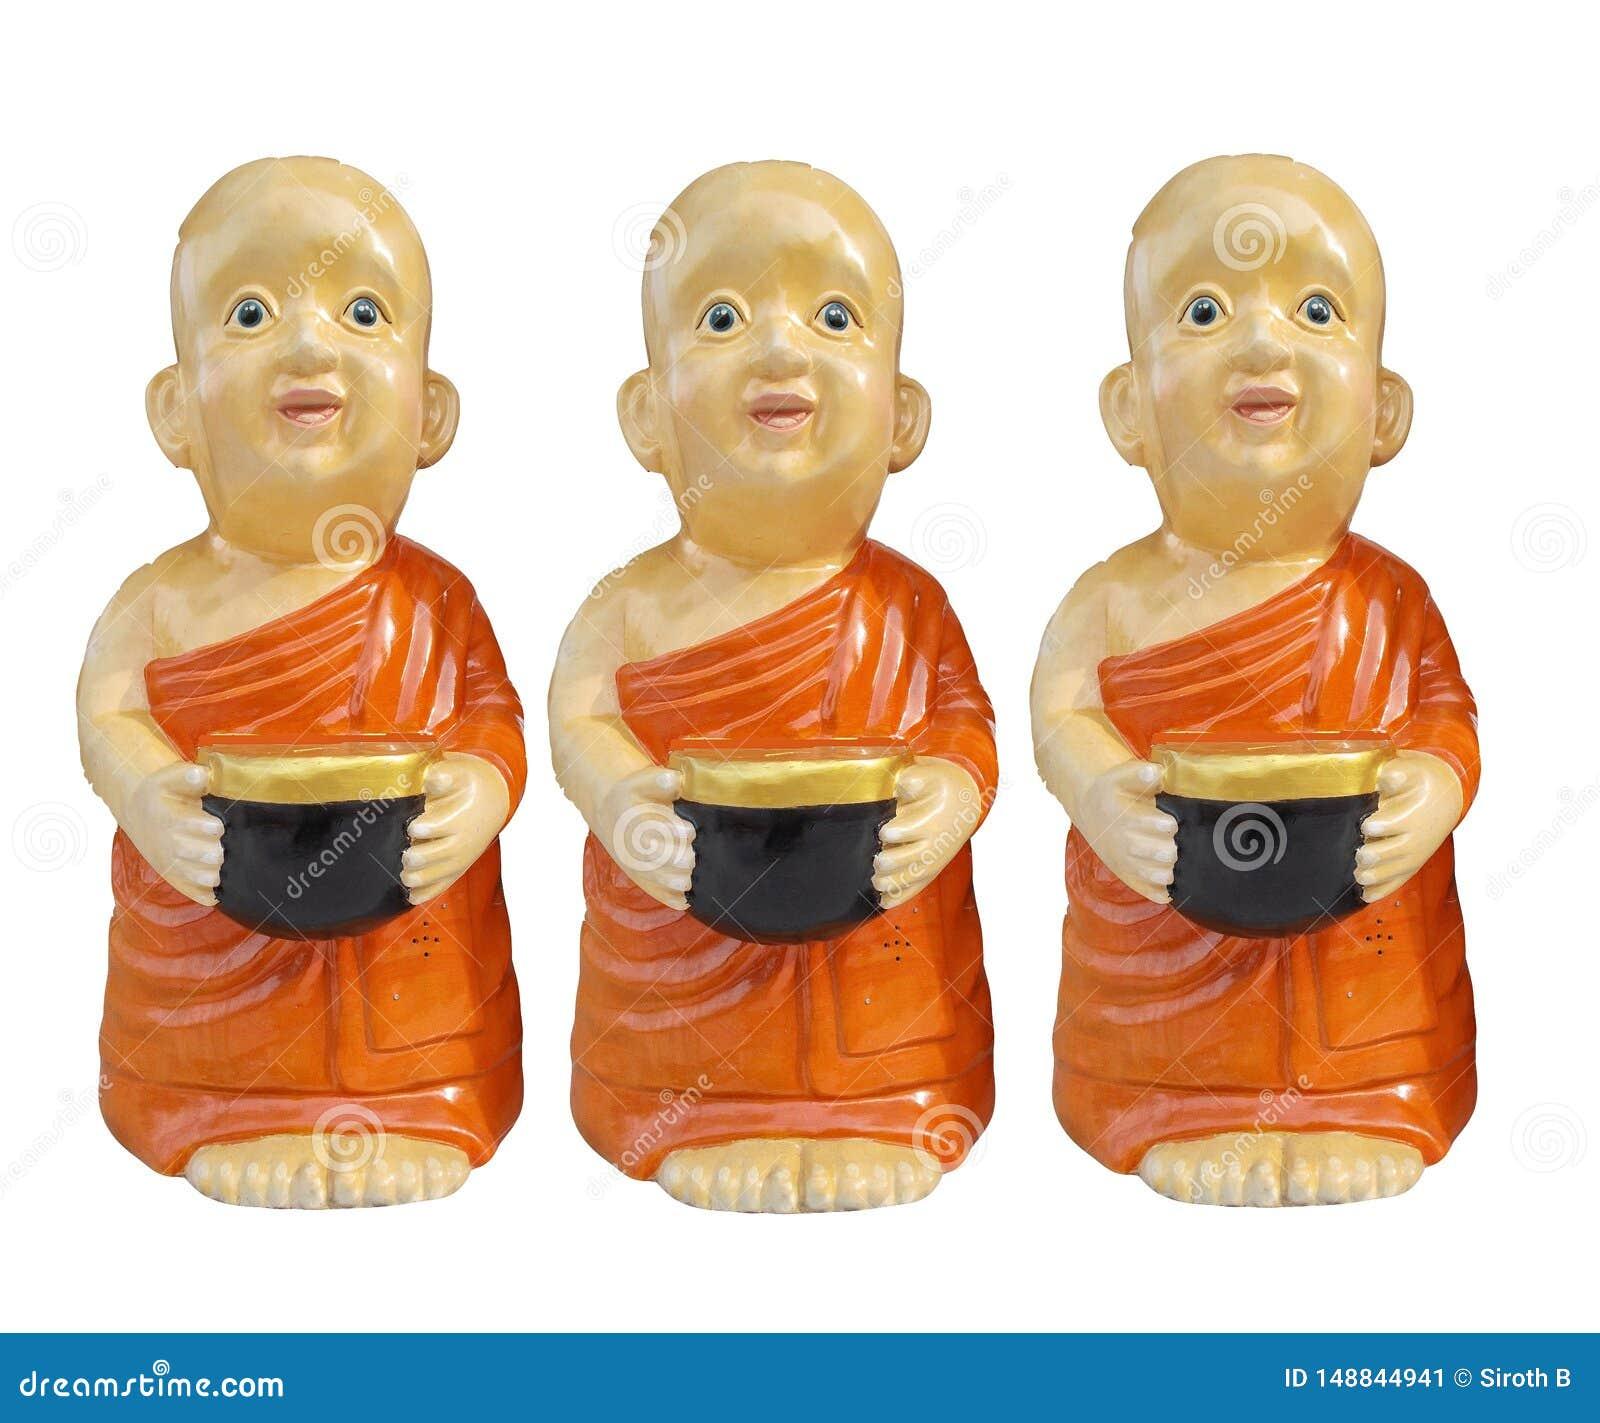 Βουδιστικοί χαρακτήρες ρητίνης αρχαρίων που κρατούν το κύπελλο ελεημοσυνών υπό εξέταση απομονωμένο στο άσπρο υπόβαθρο